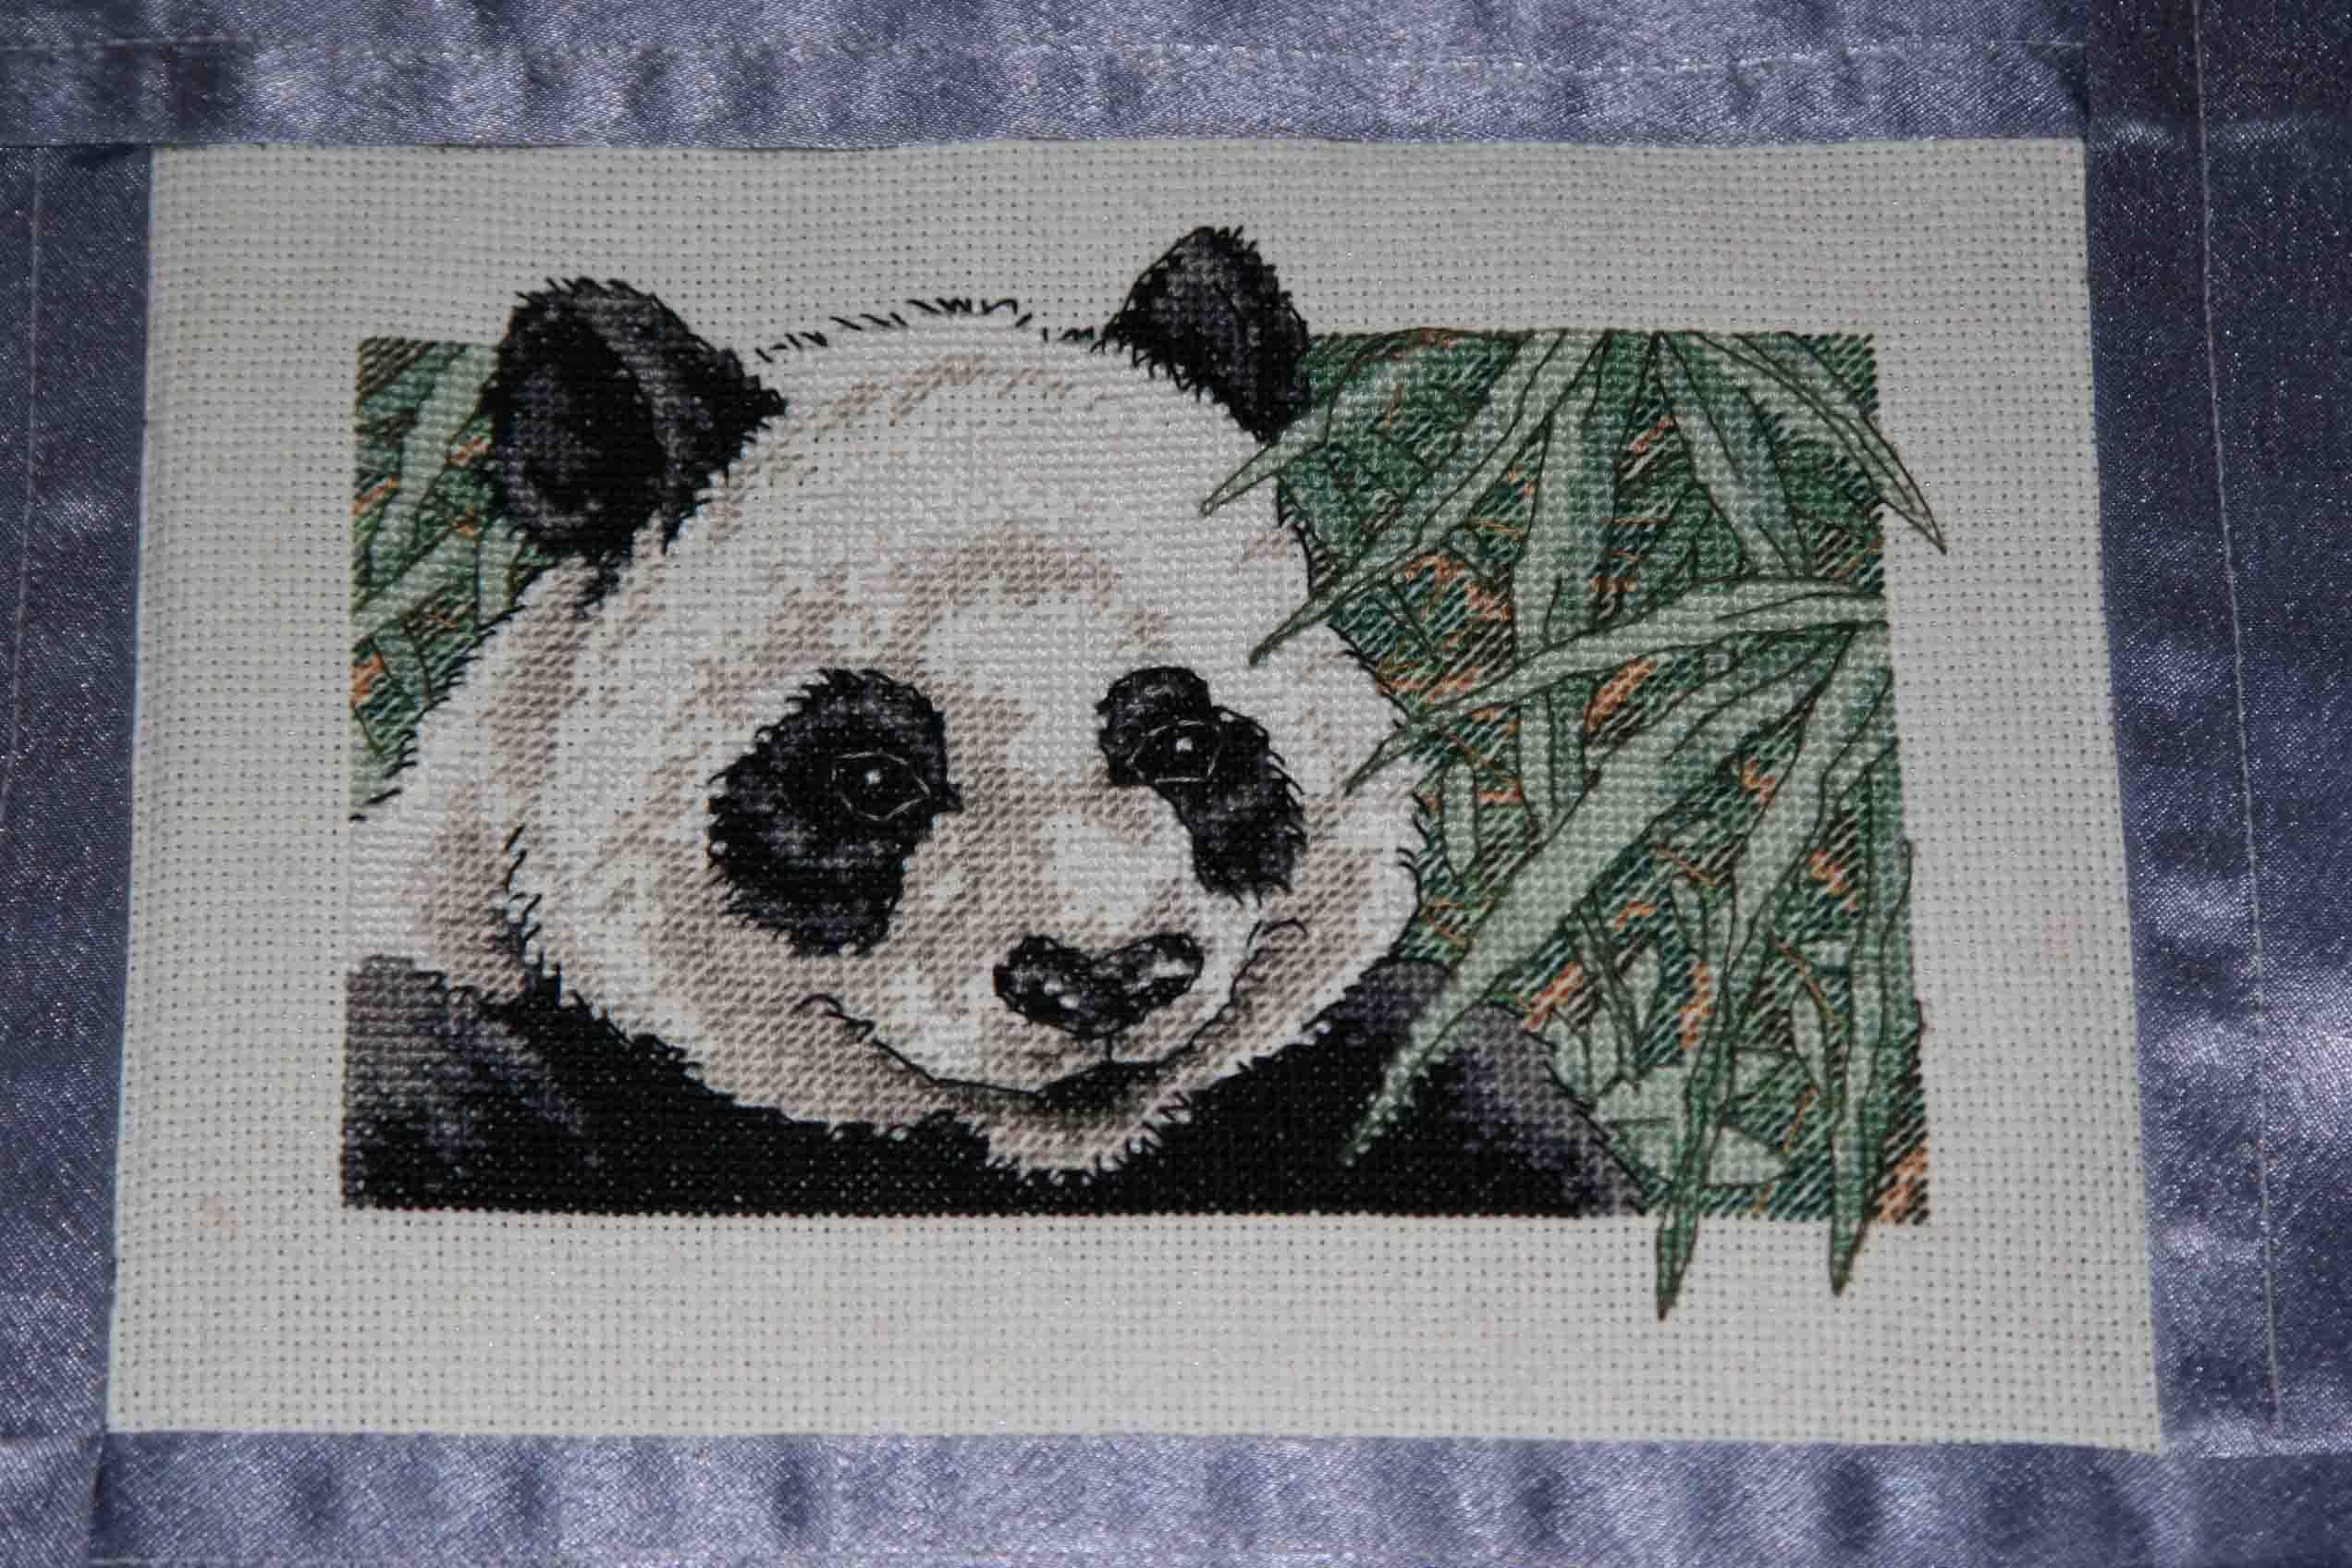 панда. Животные